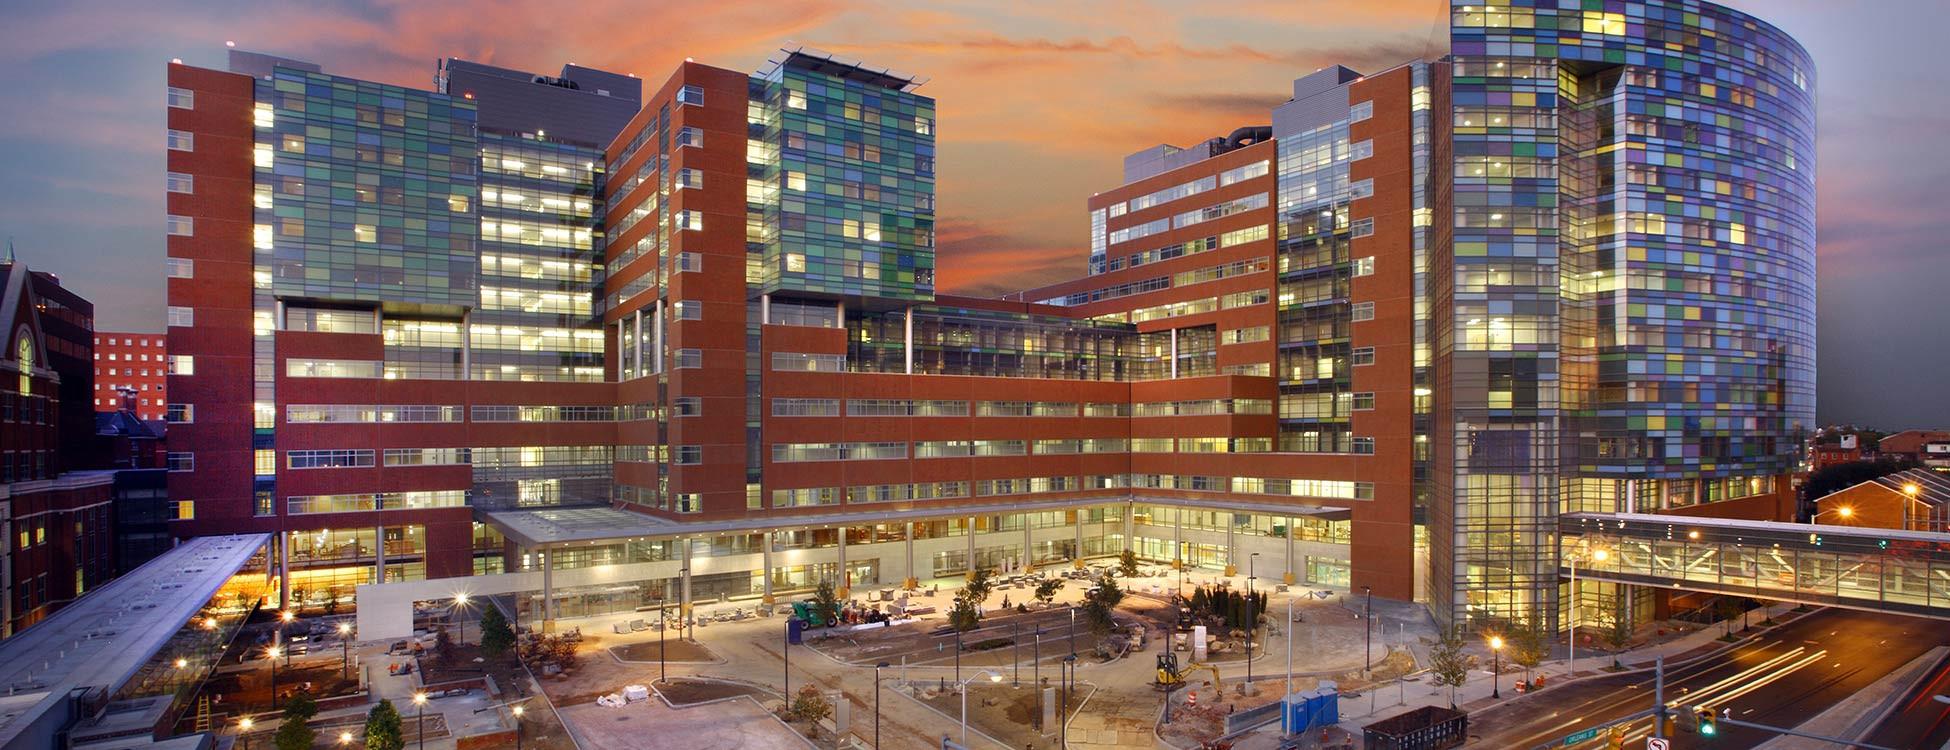 Больница Джонса Хопкинса в восточном Балтиморе